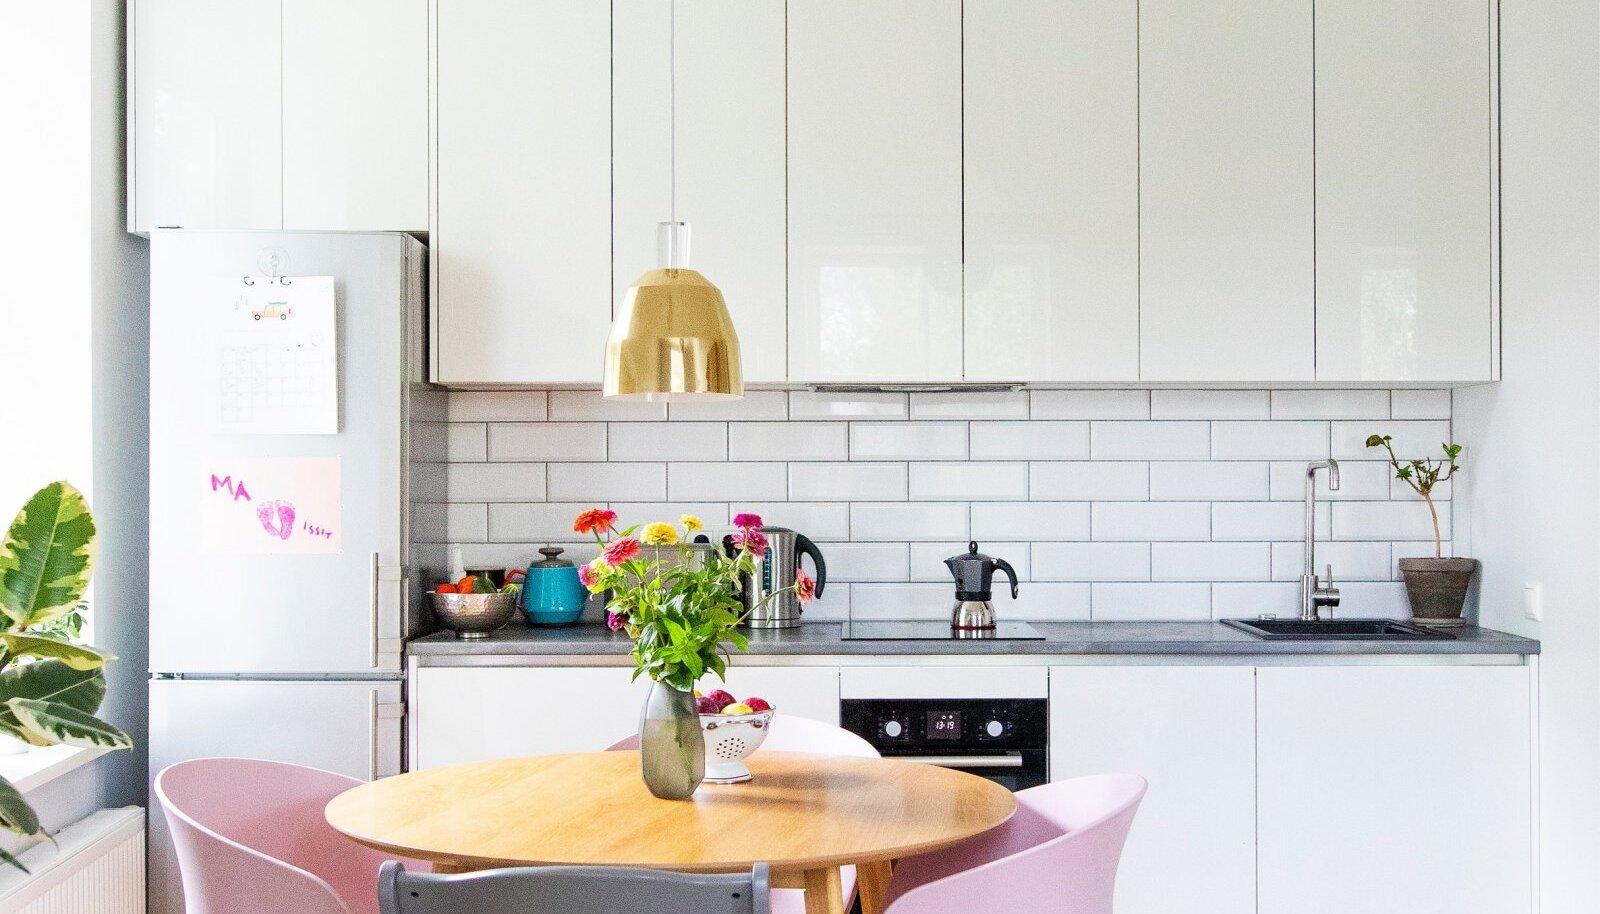 Köögi tellis Kelly Arensist. Tänu spetsialisti nõustamisele õnnestus kööki paigutada ka pesumasin. Roosad toolid on pärit Aatriumist.